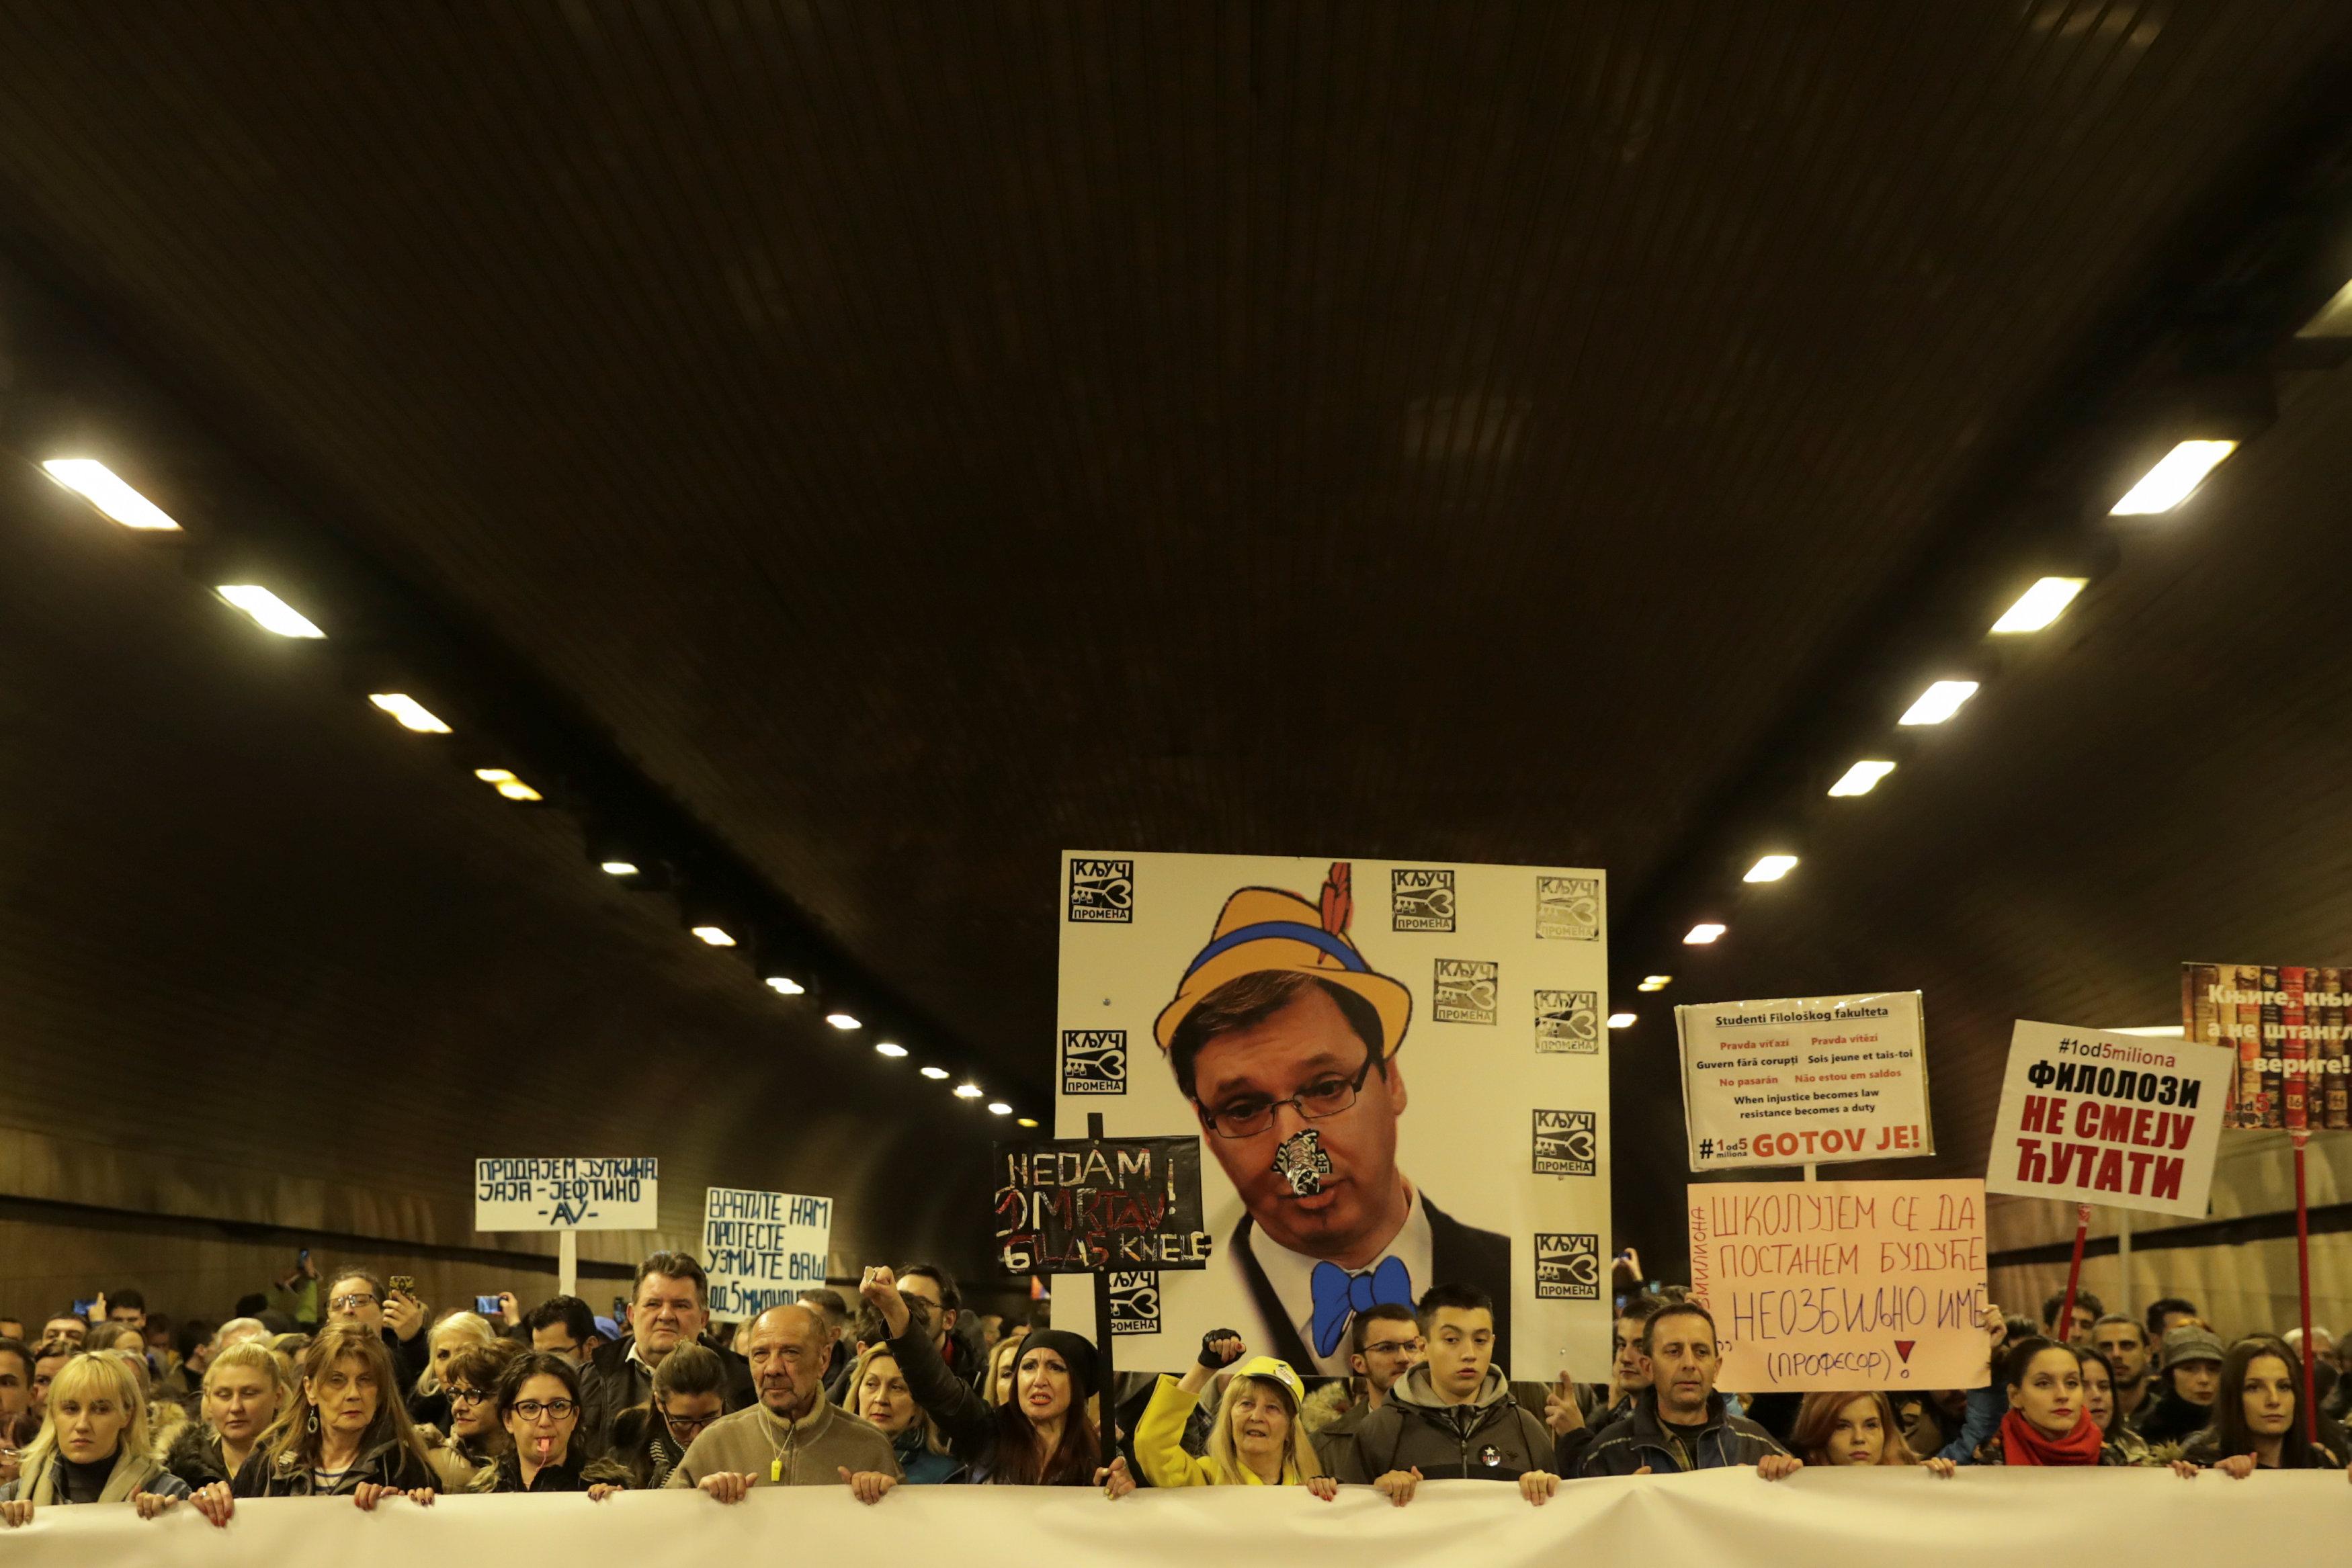 آلاف المتظاهرين يحتشدون فى شوارع بلجراد (8)